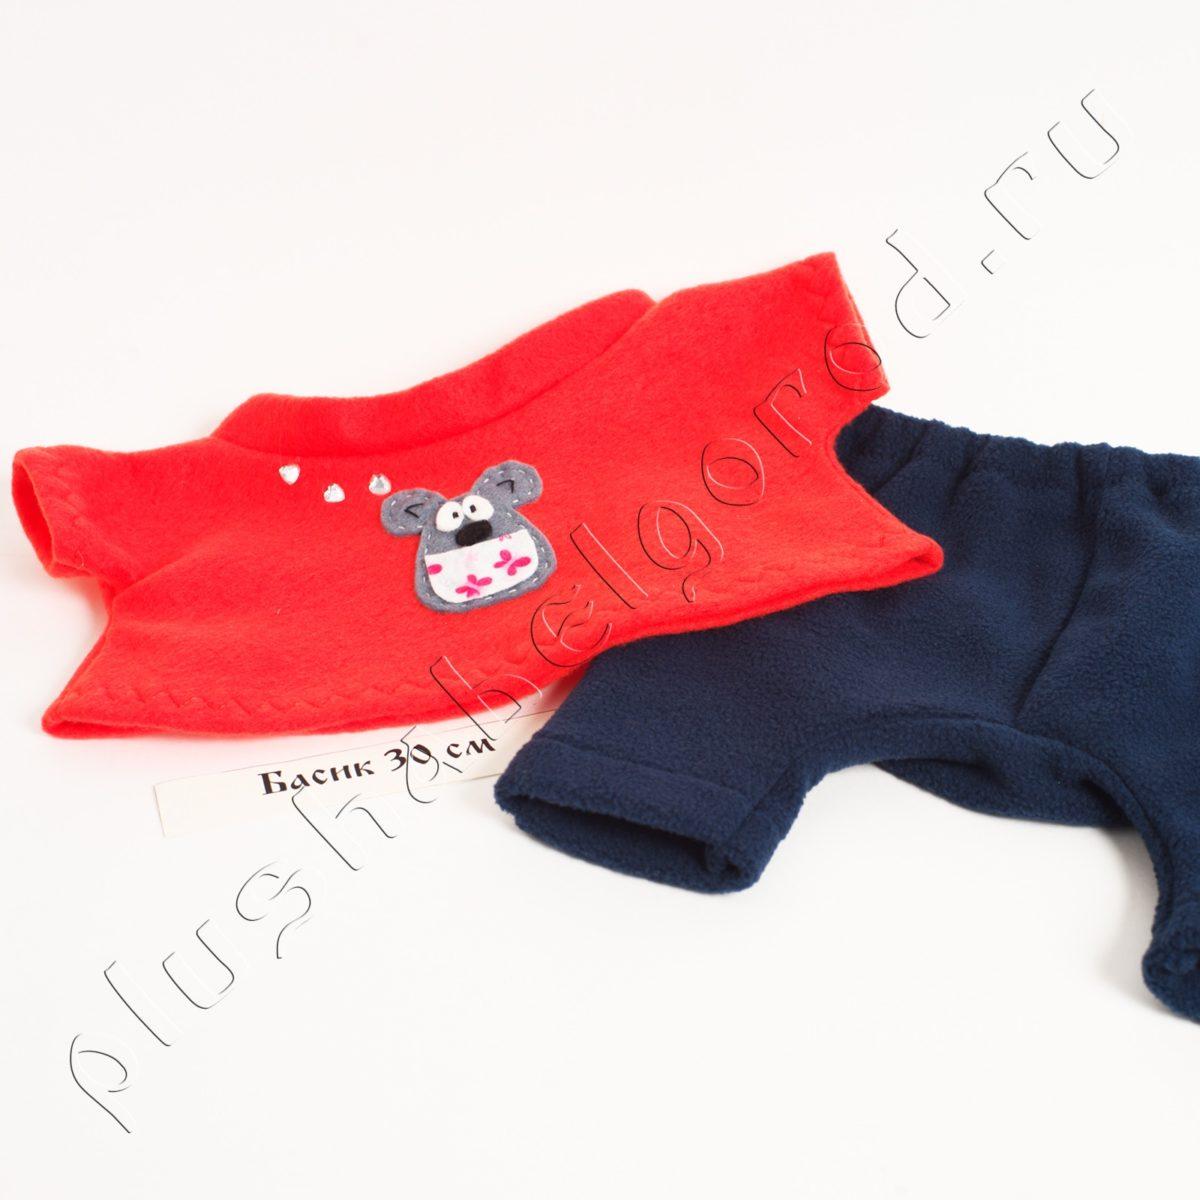 Брюки темно-синие и футболка красная